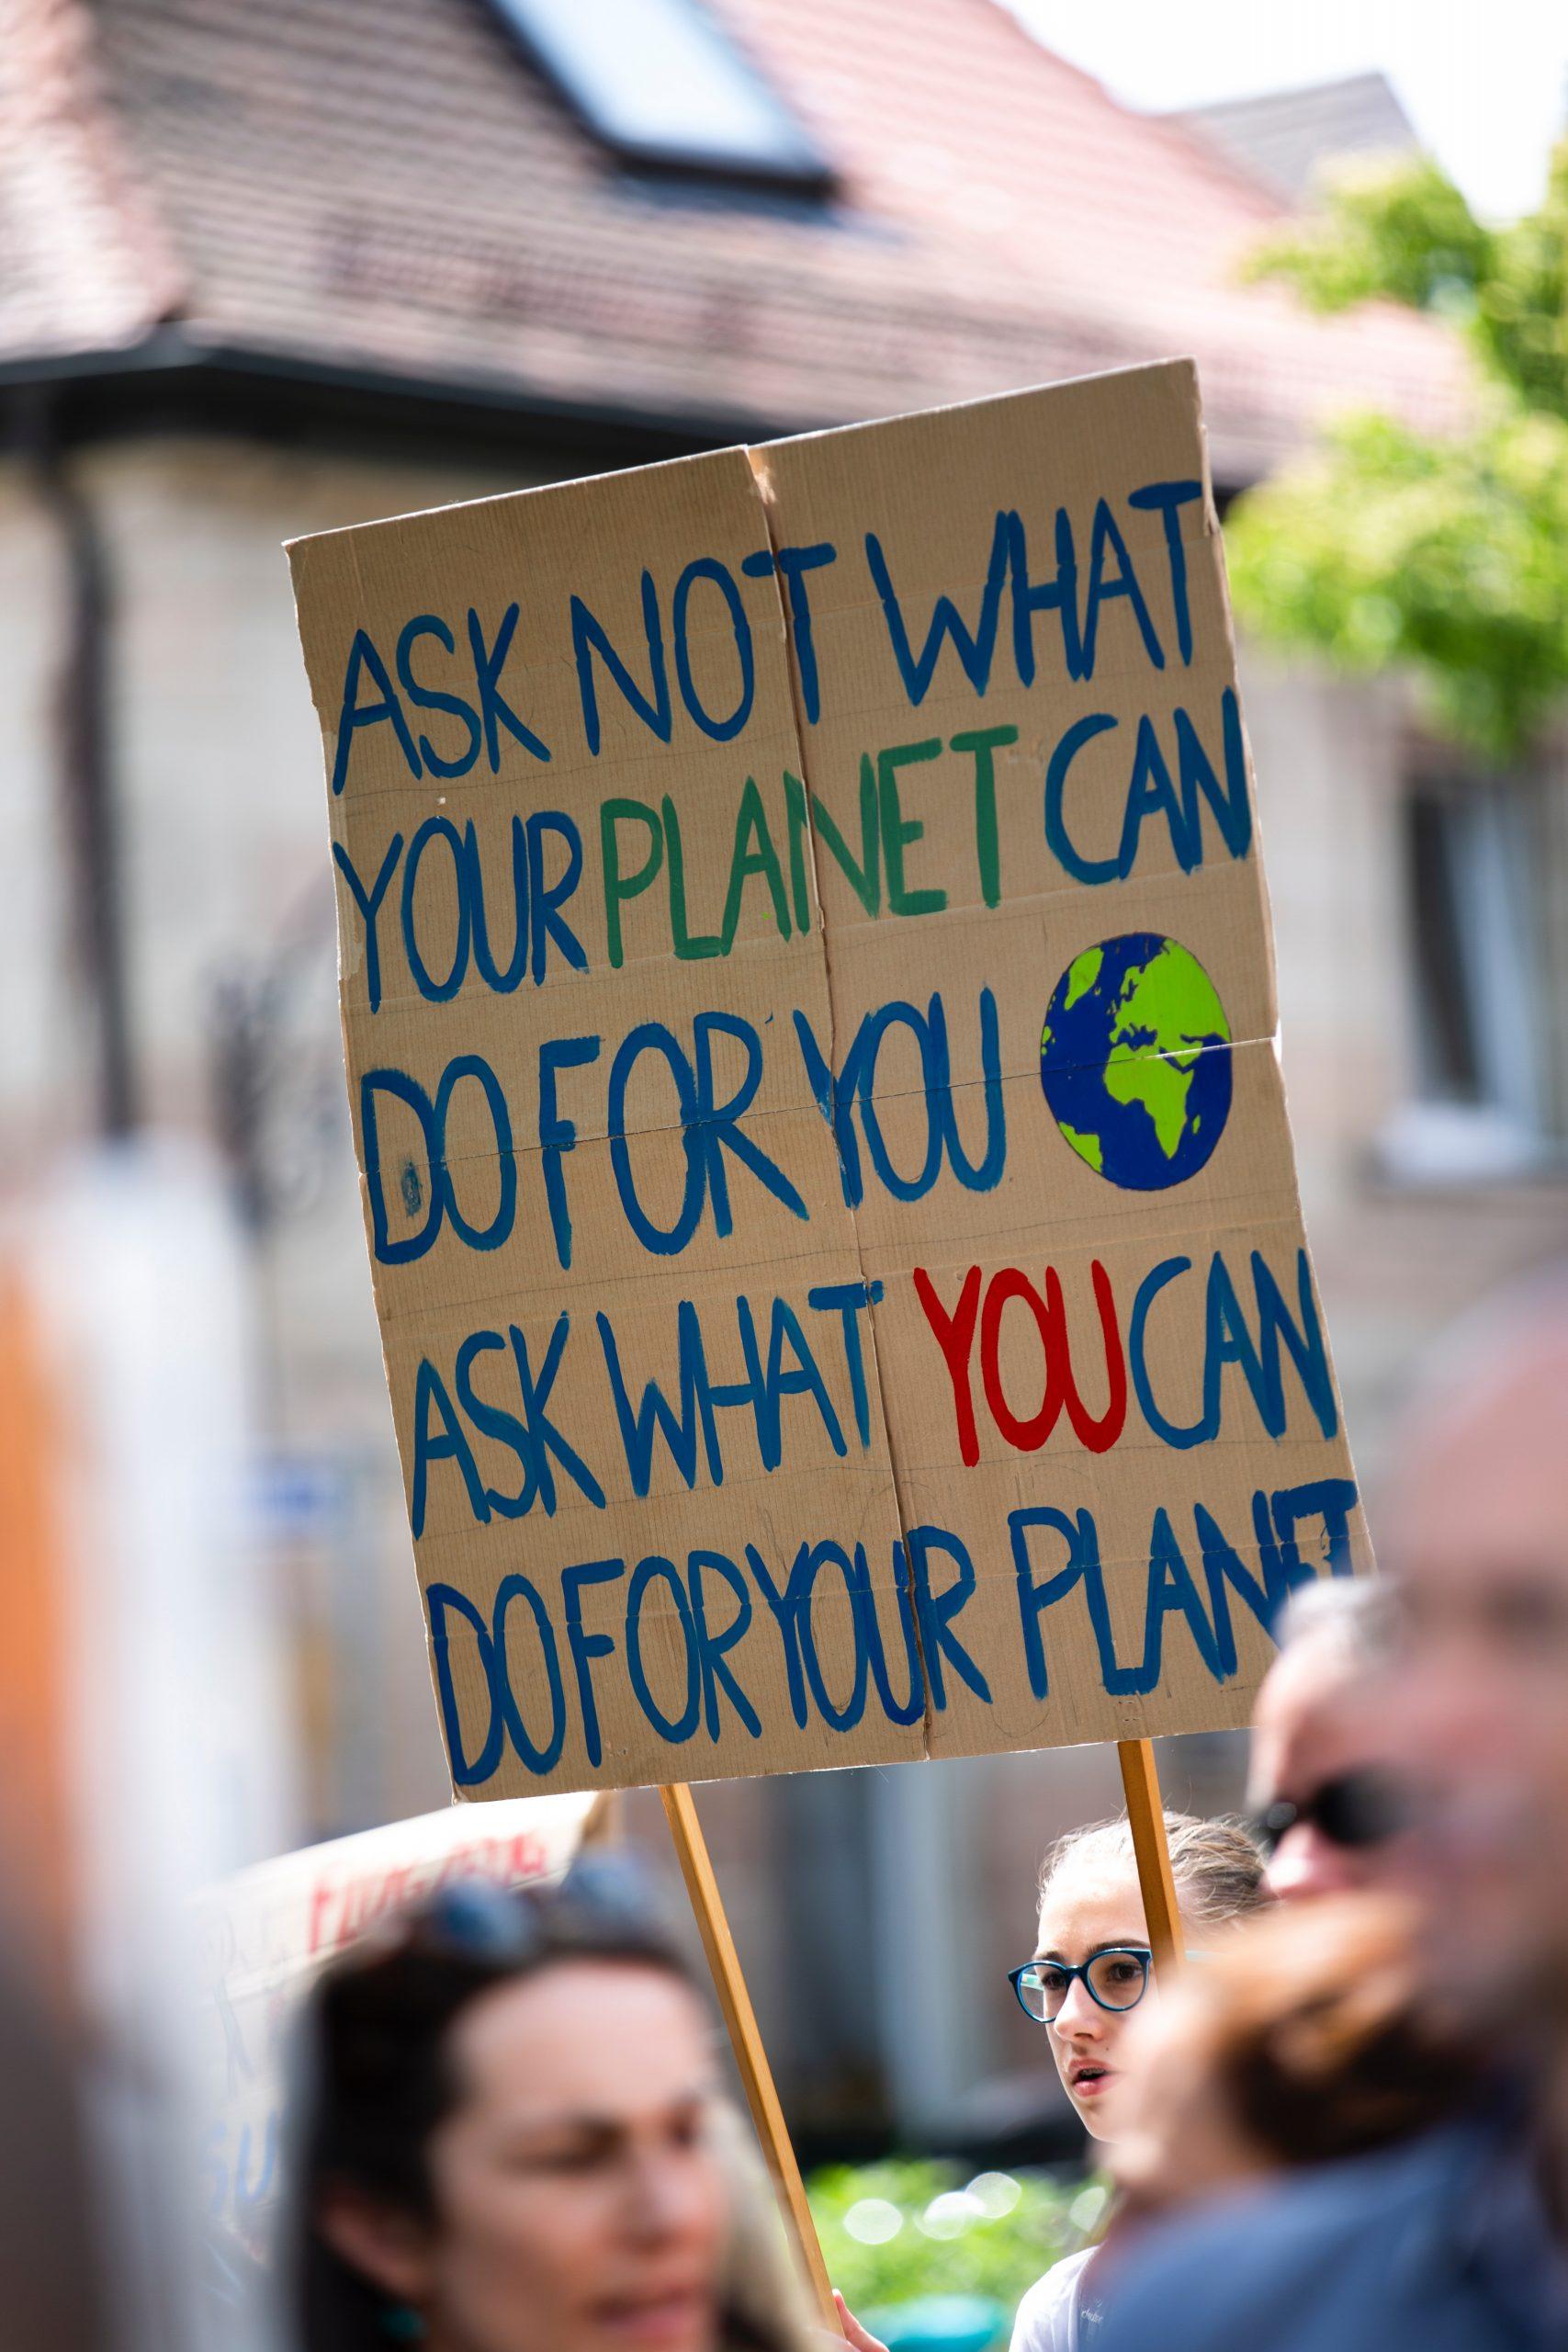 Pensée sauvage - Sauvons la planète